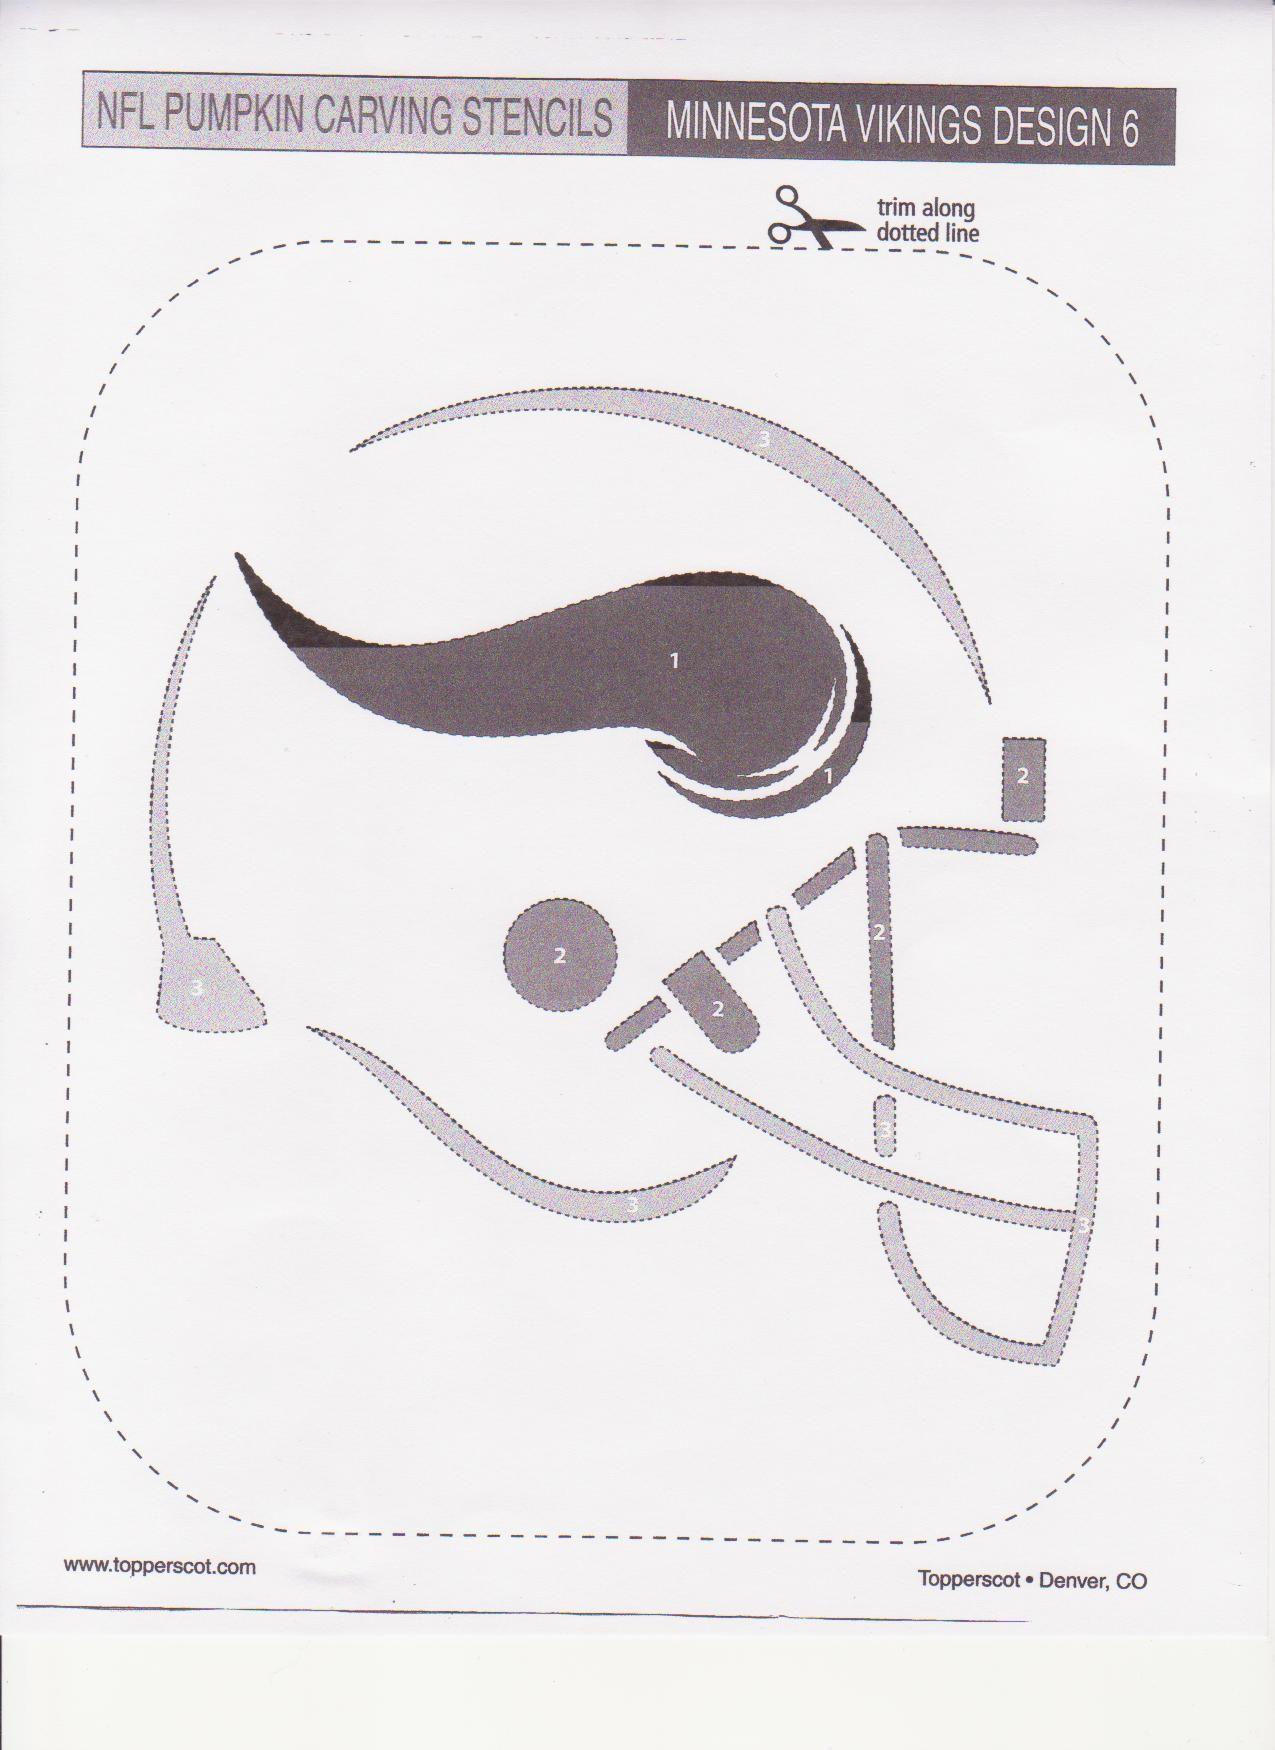 Nfl minnesota vikings stencil | free stencil gallery.